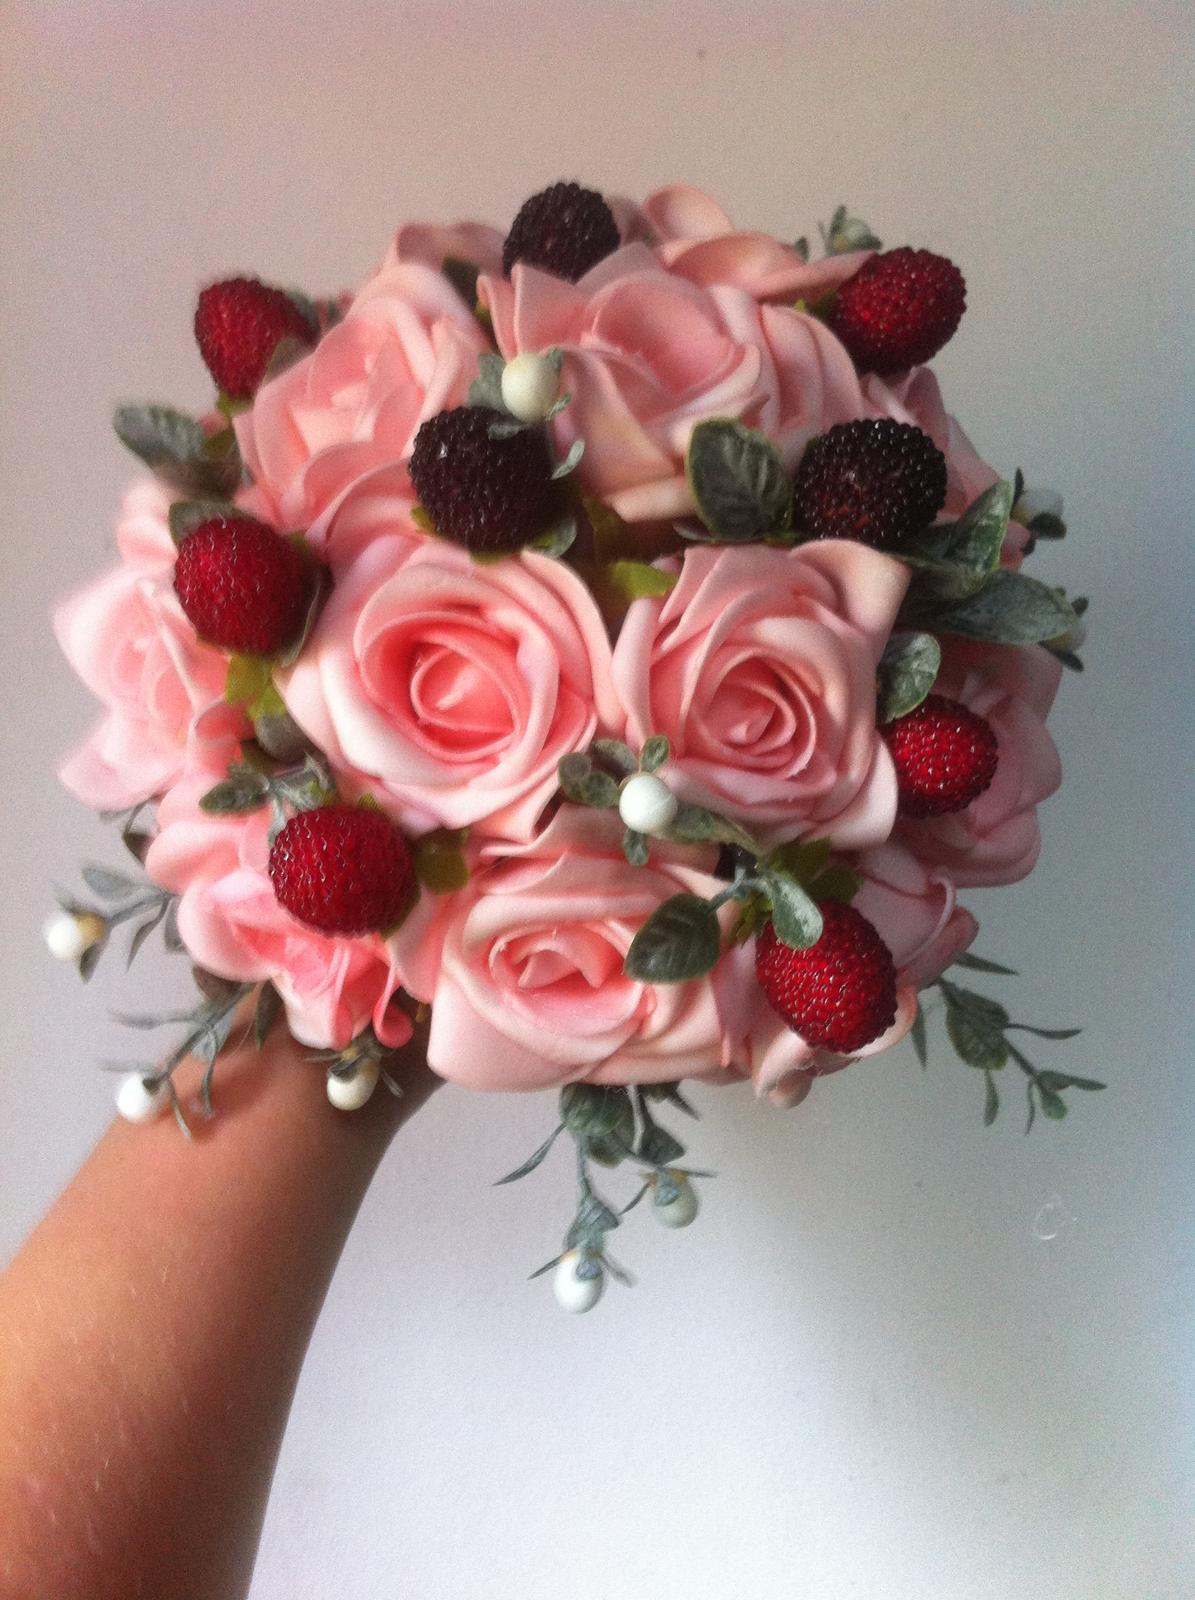 Netradiční svatební kytice - pěnové růžičky + polštářky pod prstýnky, košíčky - Obrázek č. 95